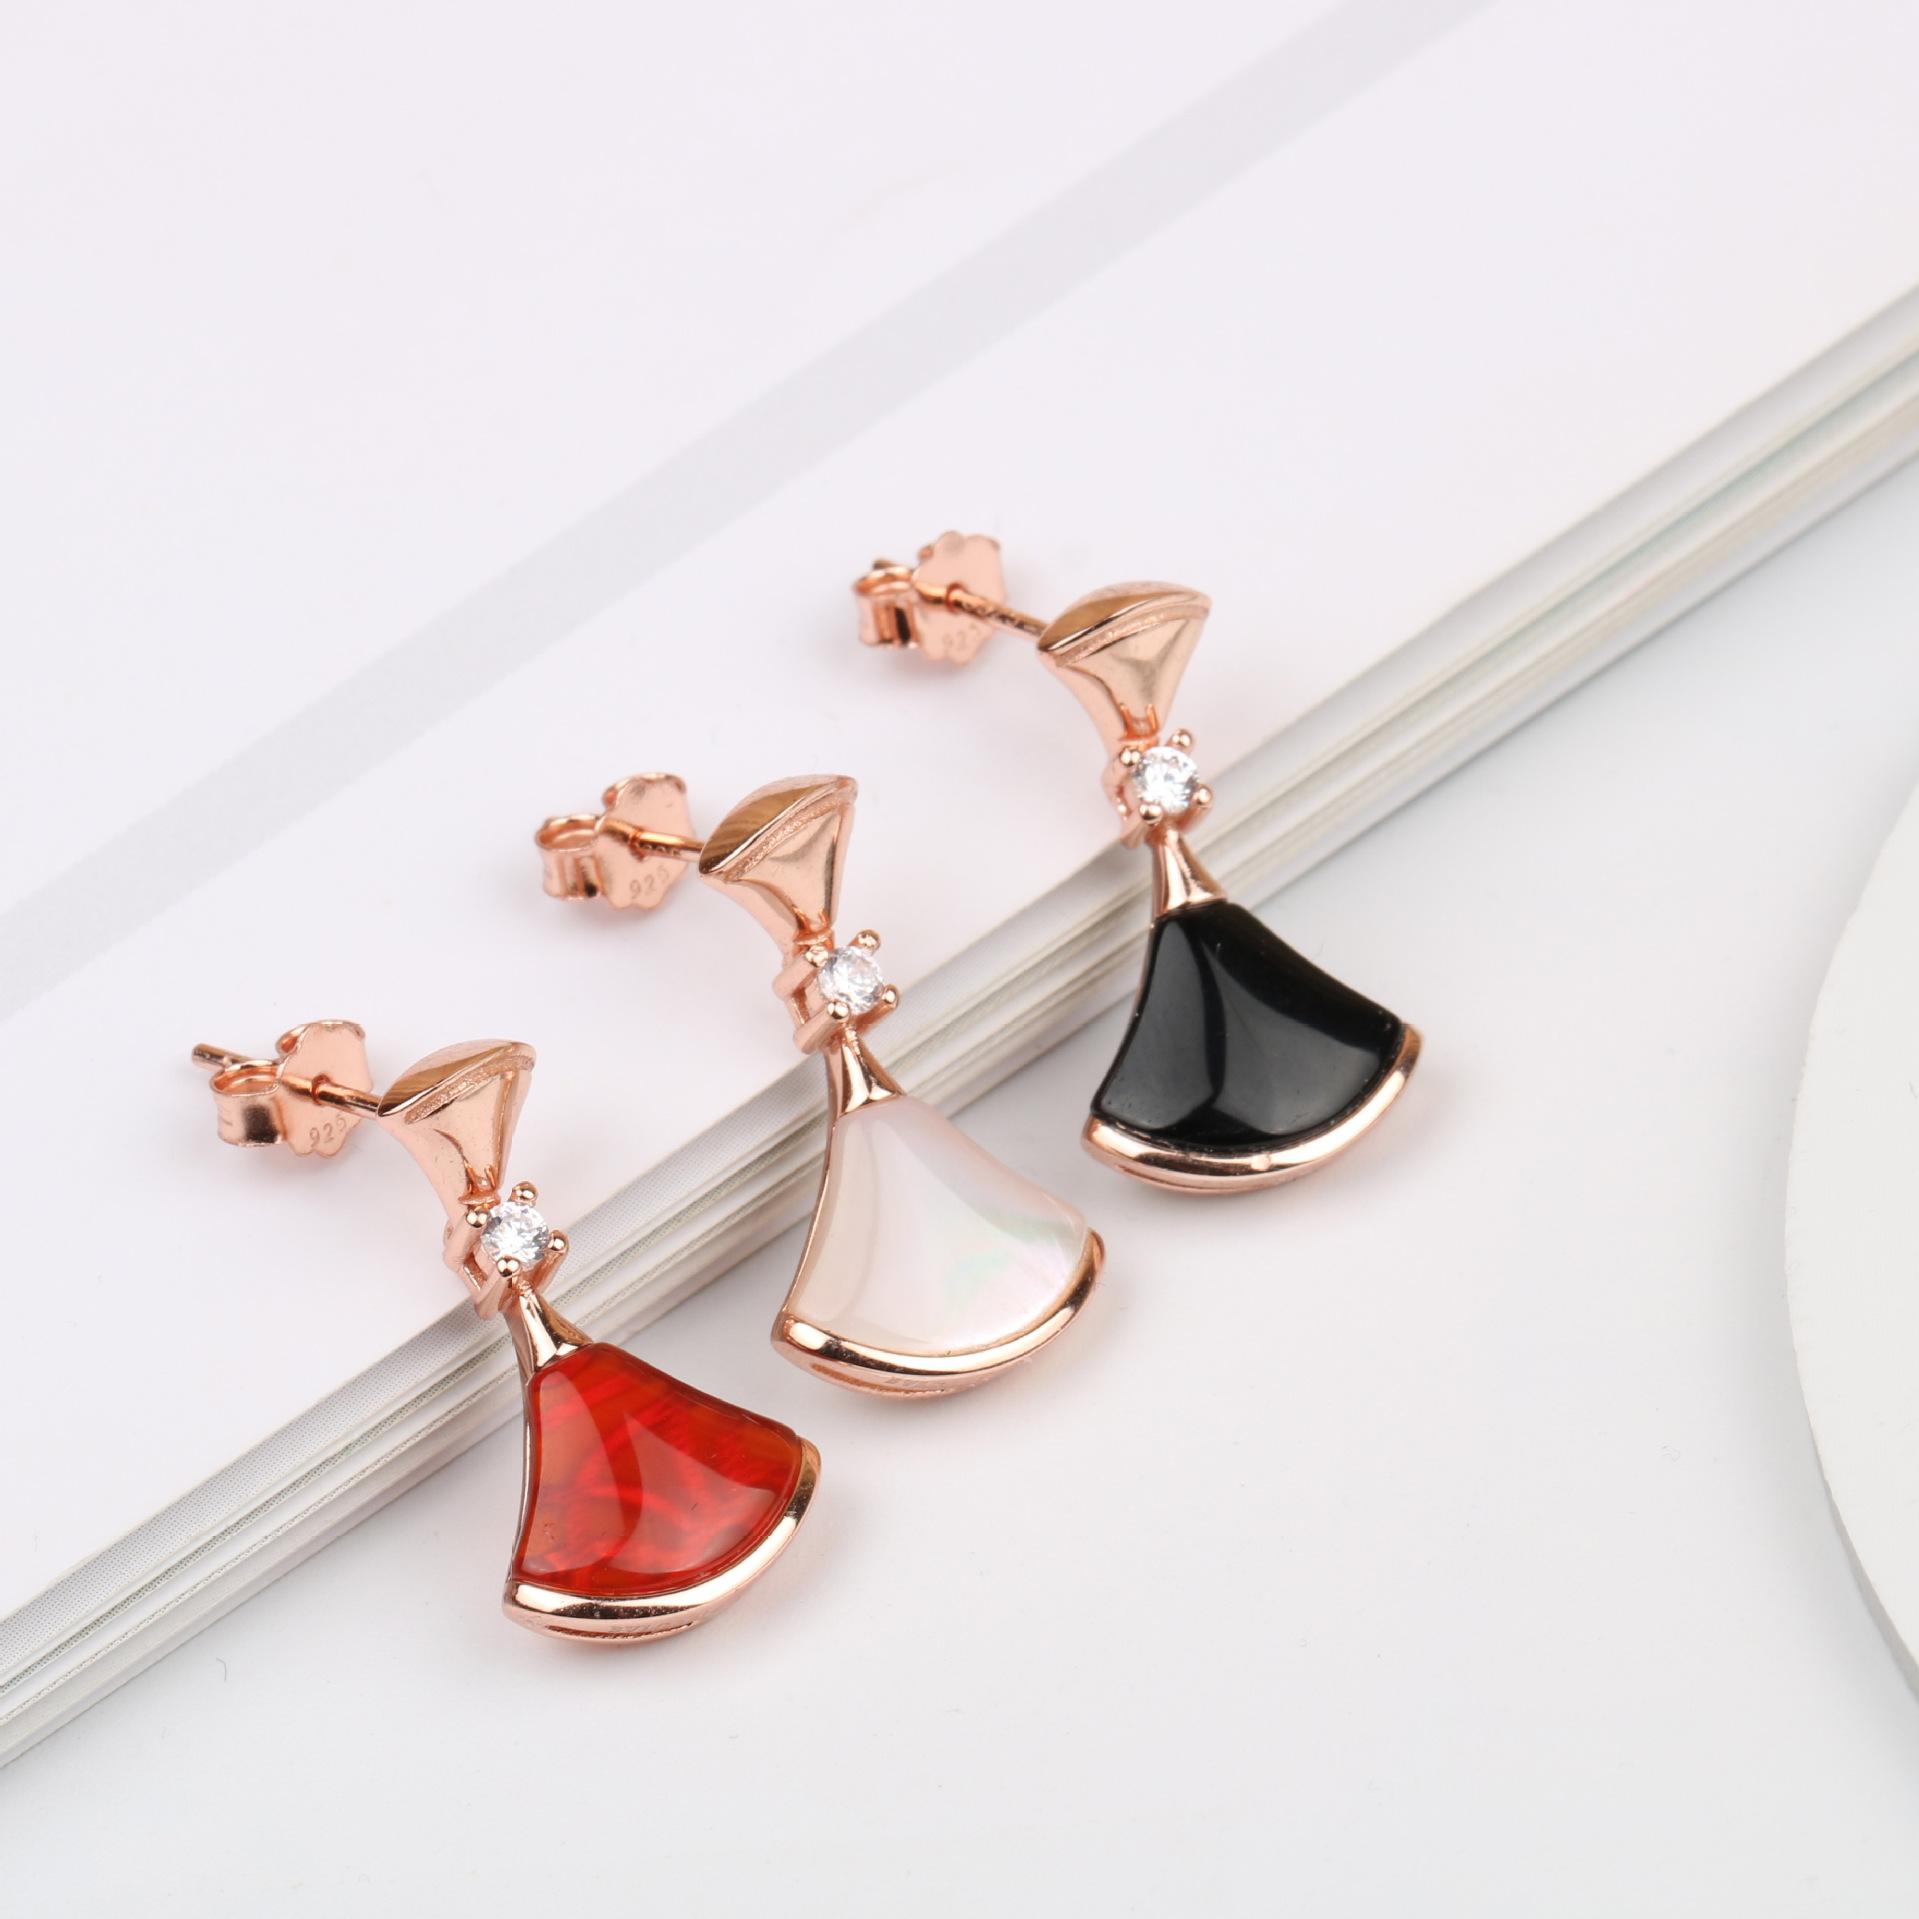 小裙子扇形耳环925纯银贝母耳钉饰新款潮网红高级感百搭个性礼物